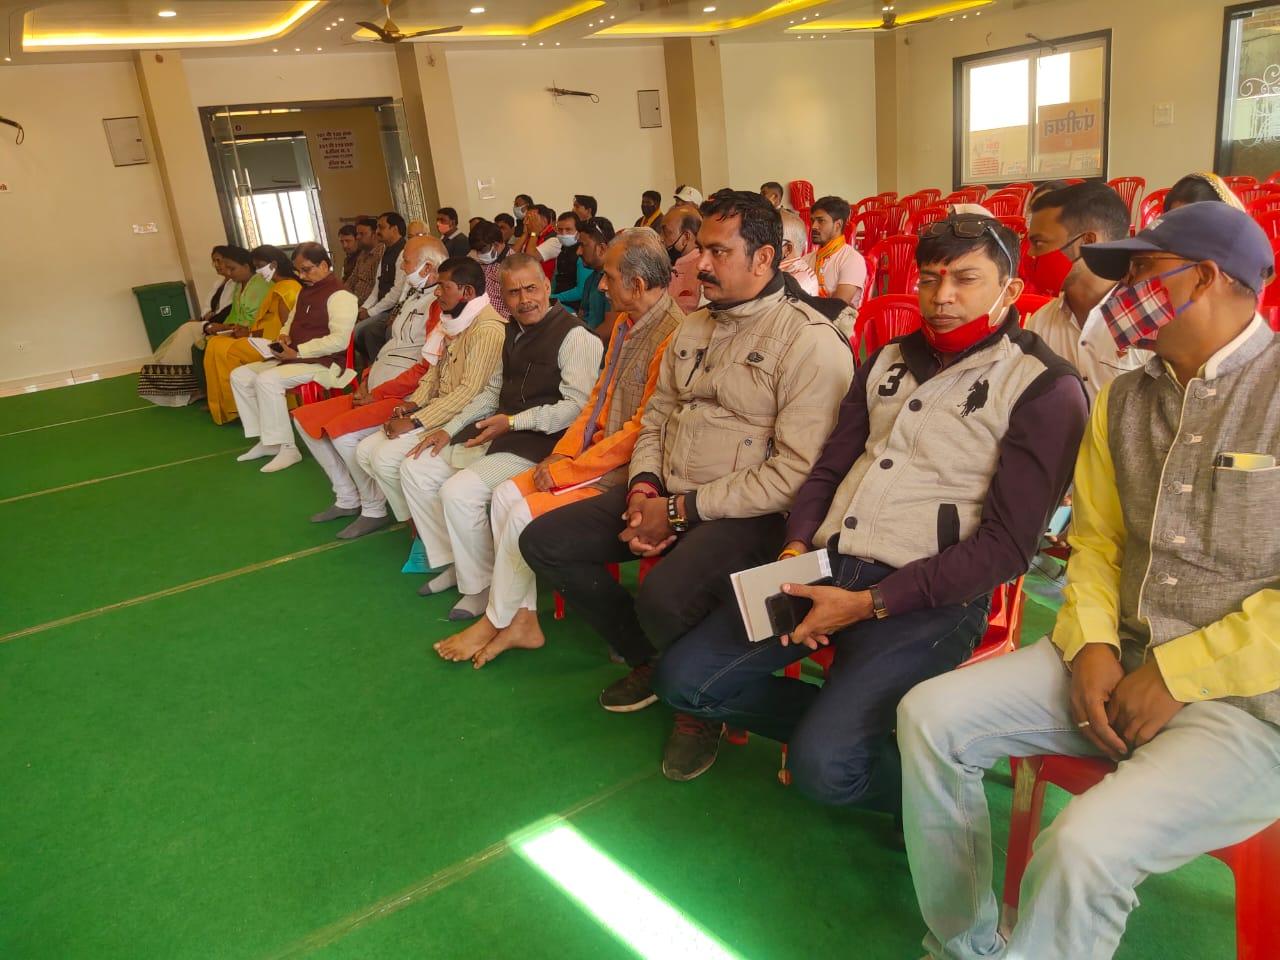 भाजपा नगर मंडल झाबुआ के दो दिवसीय प्रशिक्षण वर्ग का हुआ समापन